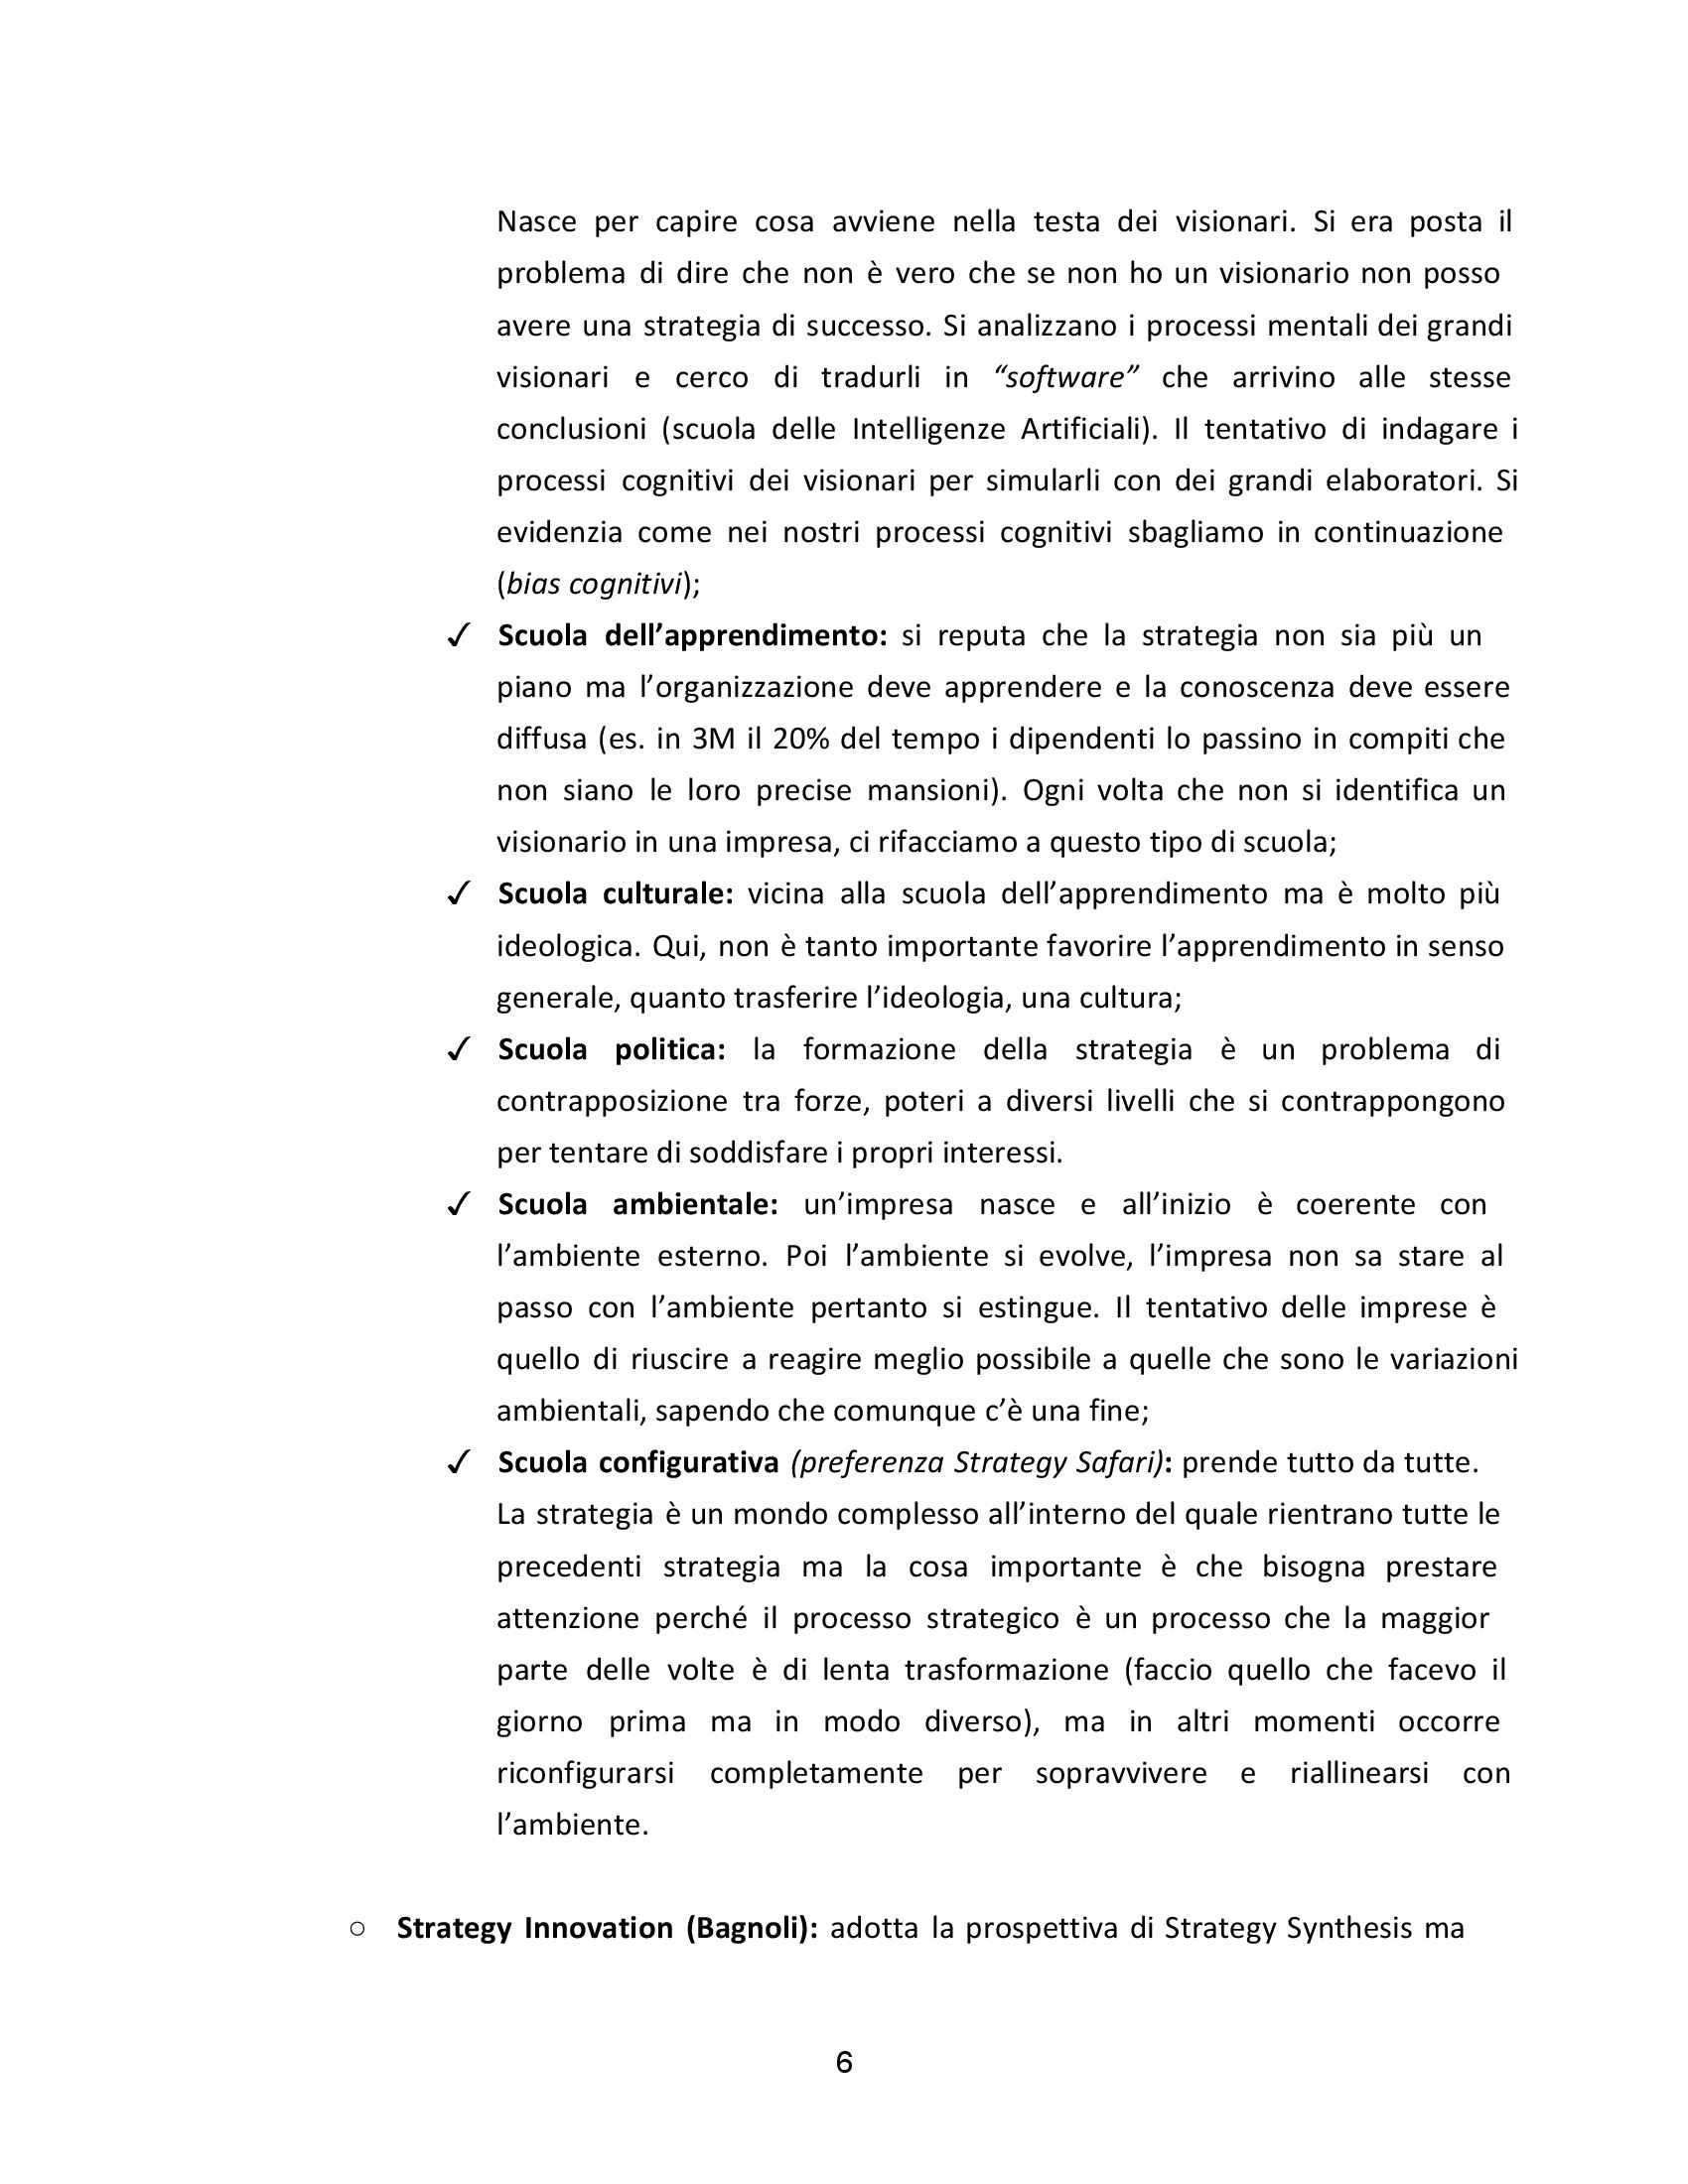 Strategia aziendale - Appunti Pag. 6